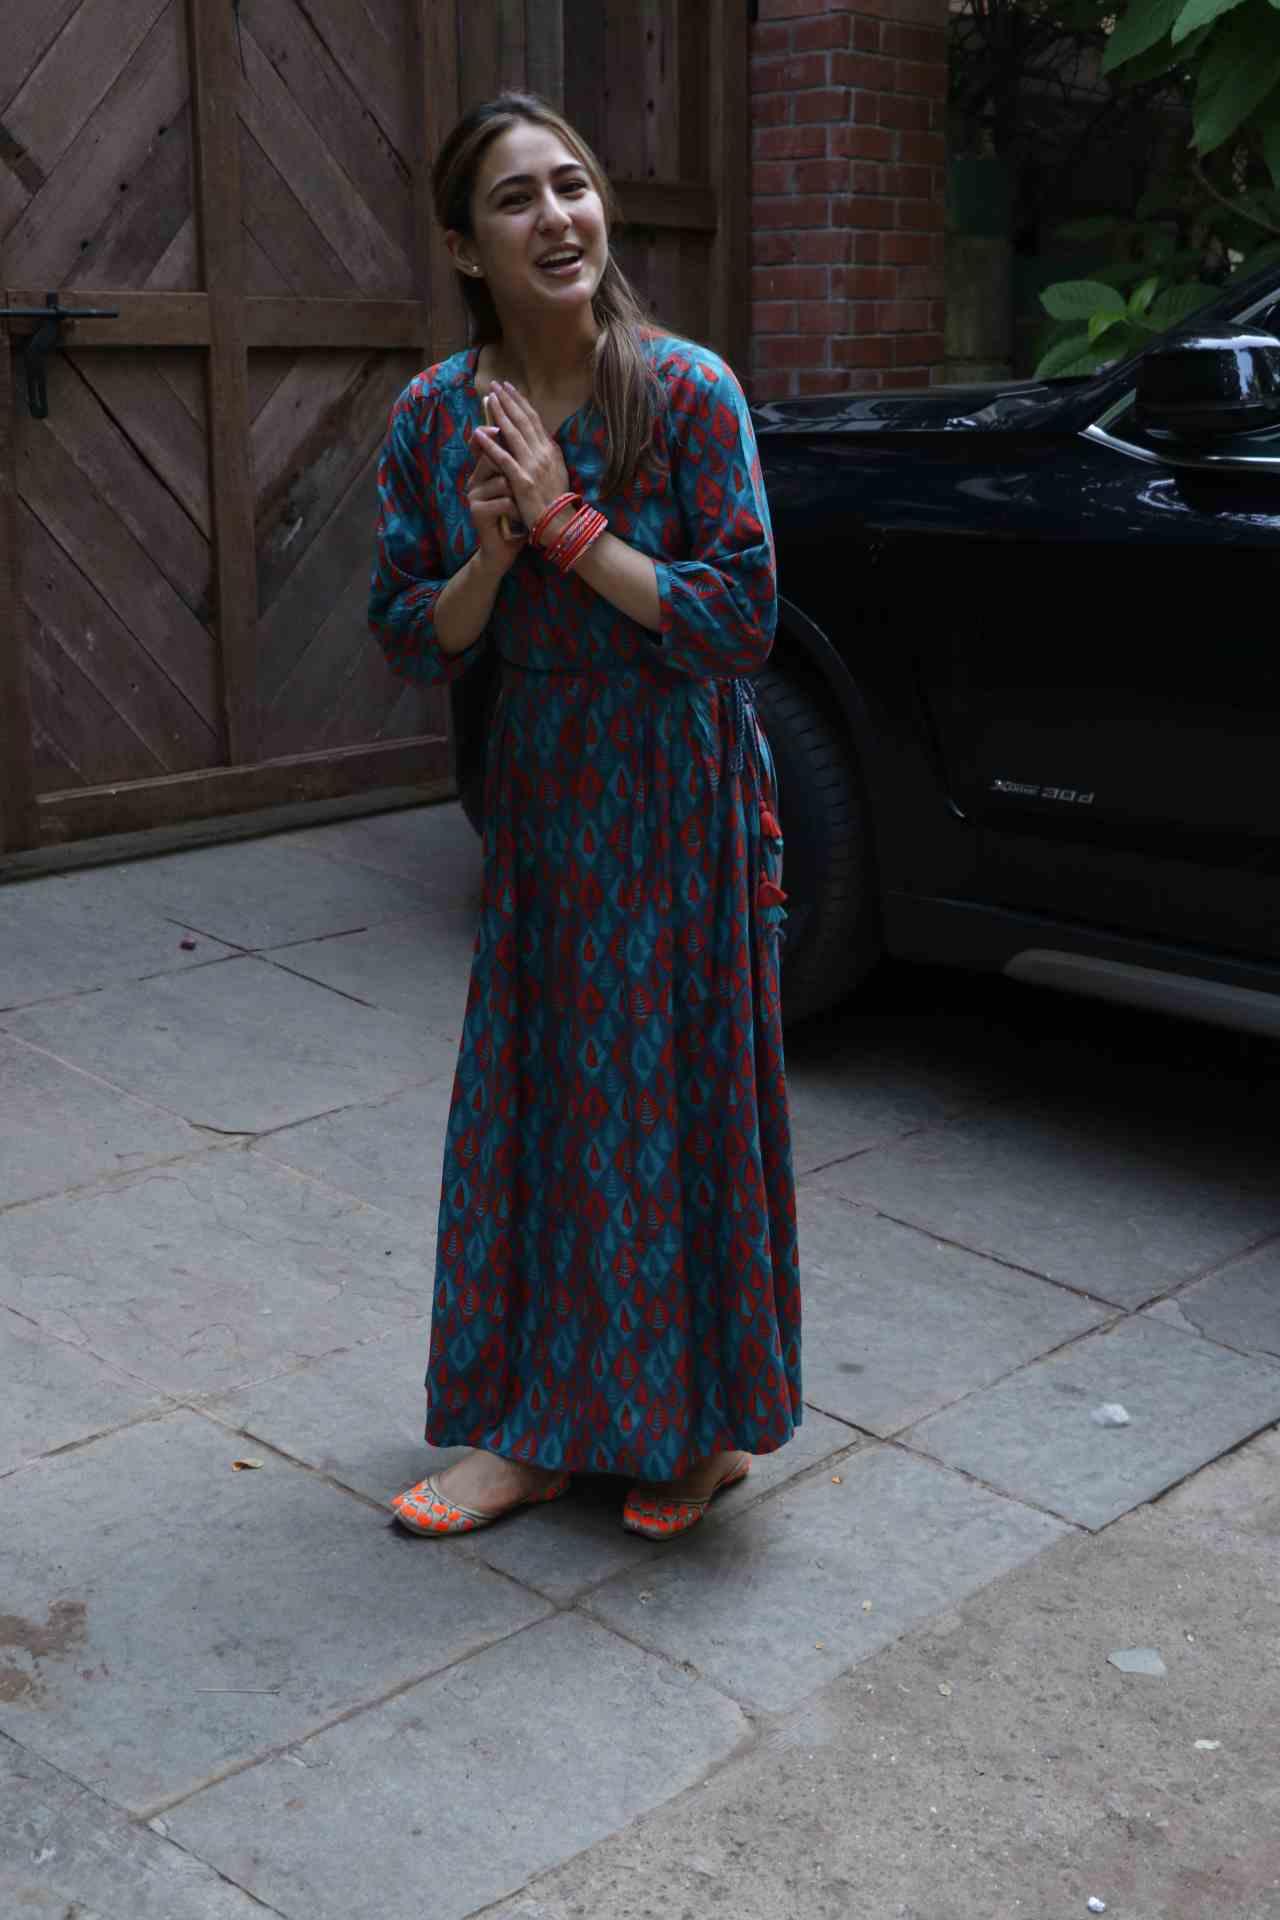 सारानं घातलेला हा मॅक्सी ड्रेस घालण्यासाठी तुम्हाला स्लिम ट्रीम असण्याची आवश्यकता नाही. ही फॅशन सर्वांवर परफेक्ट दिसते आणि यावर तुम्ही मोजडीनं आणखी स्टायलिश लुक देऊ शकता. (फोटो सौजन्य- इन्स्टाग्राम )